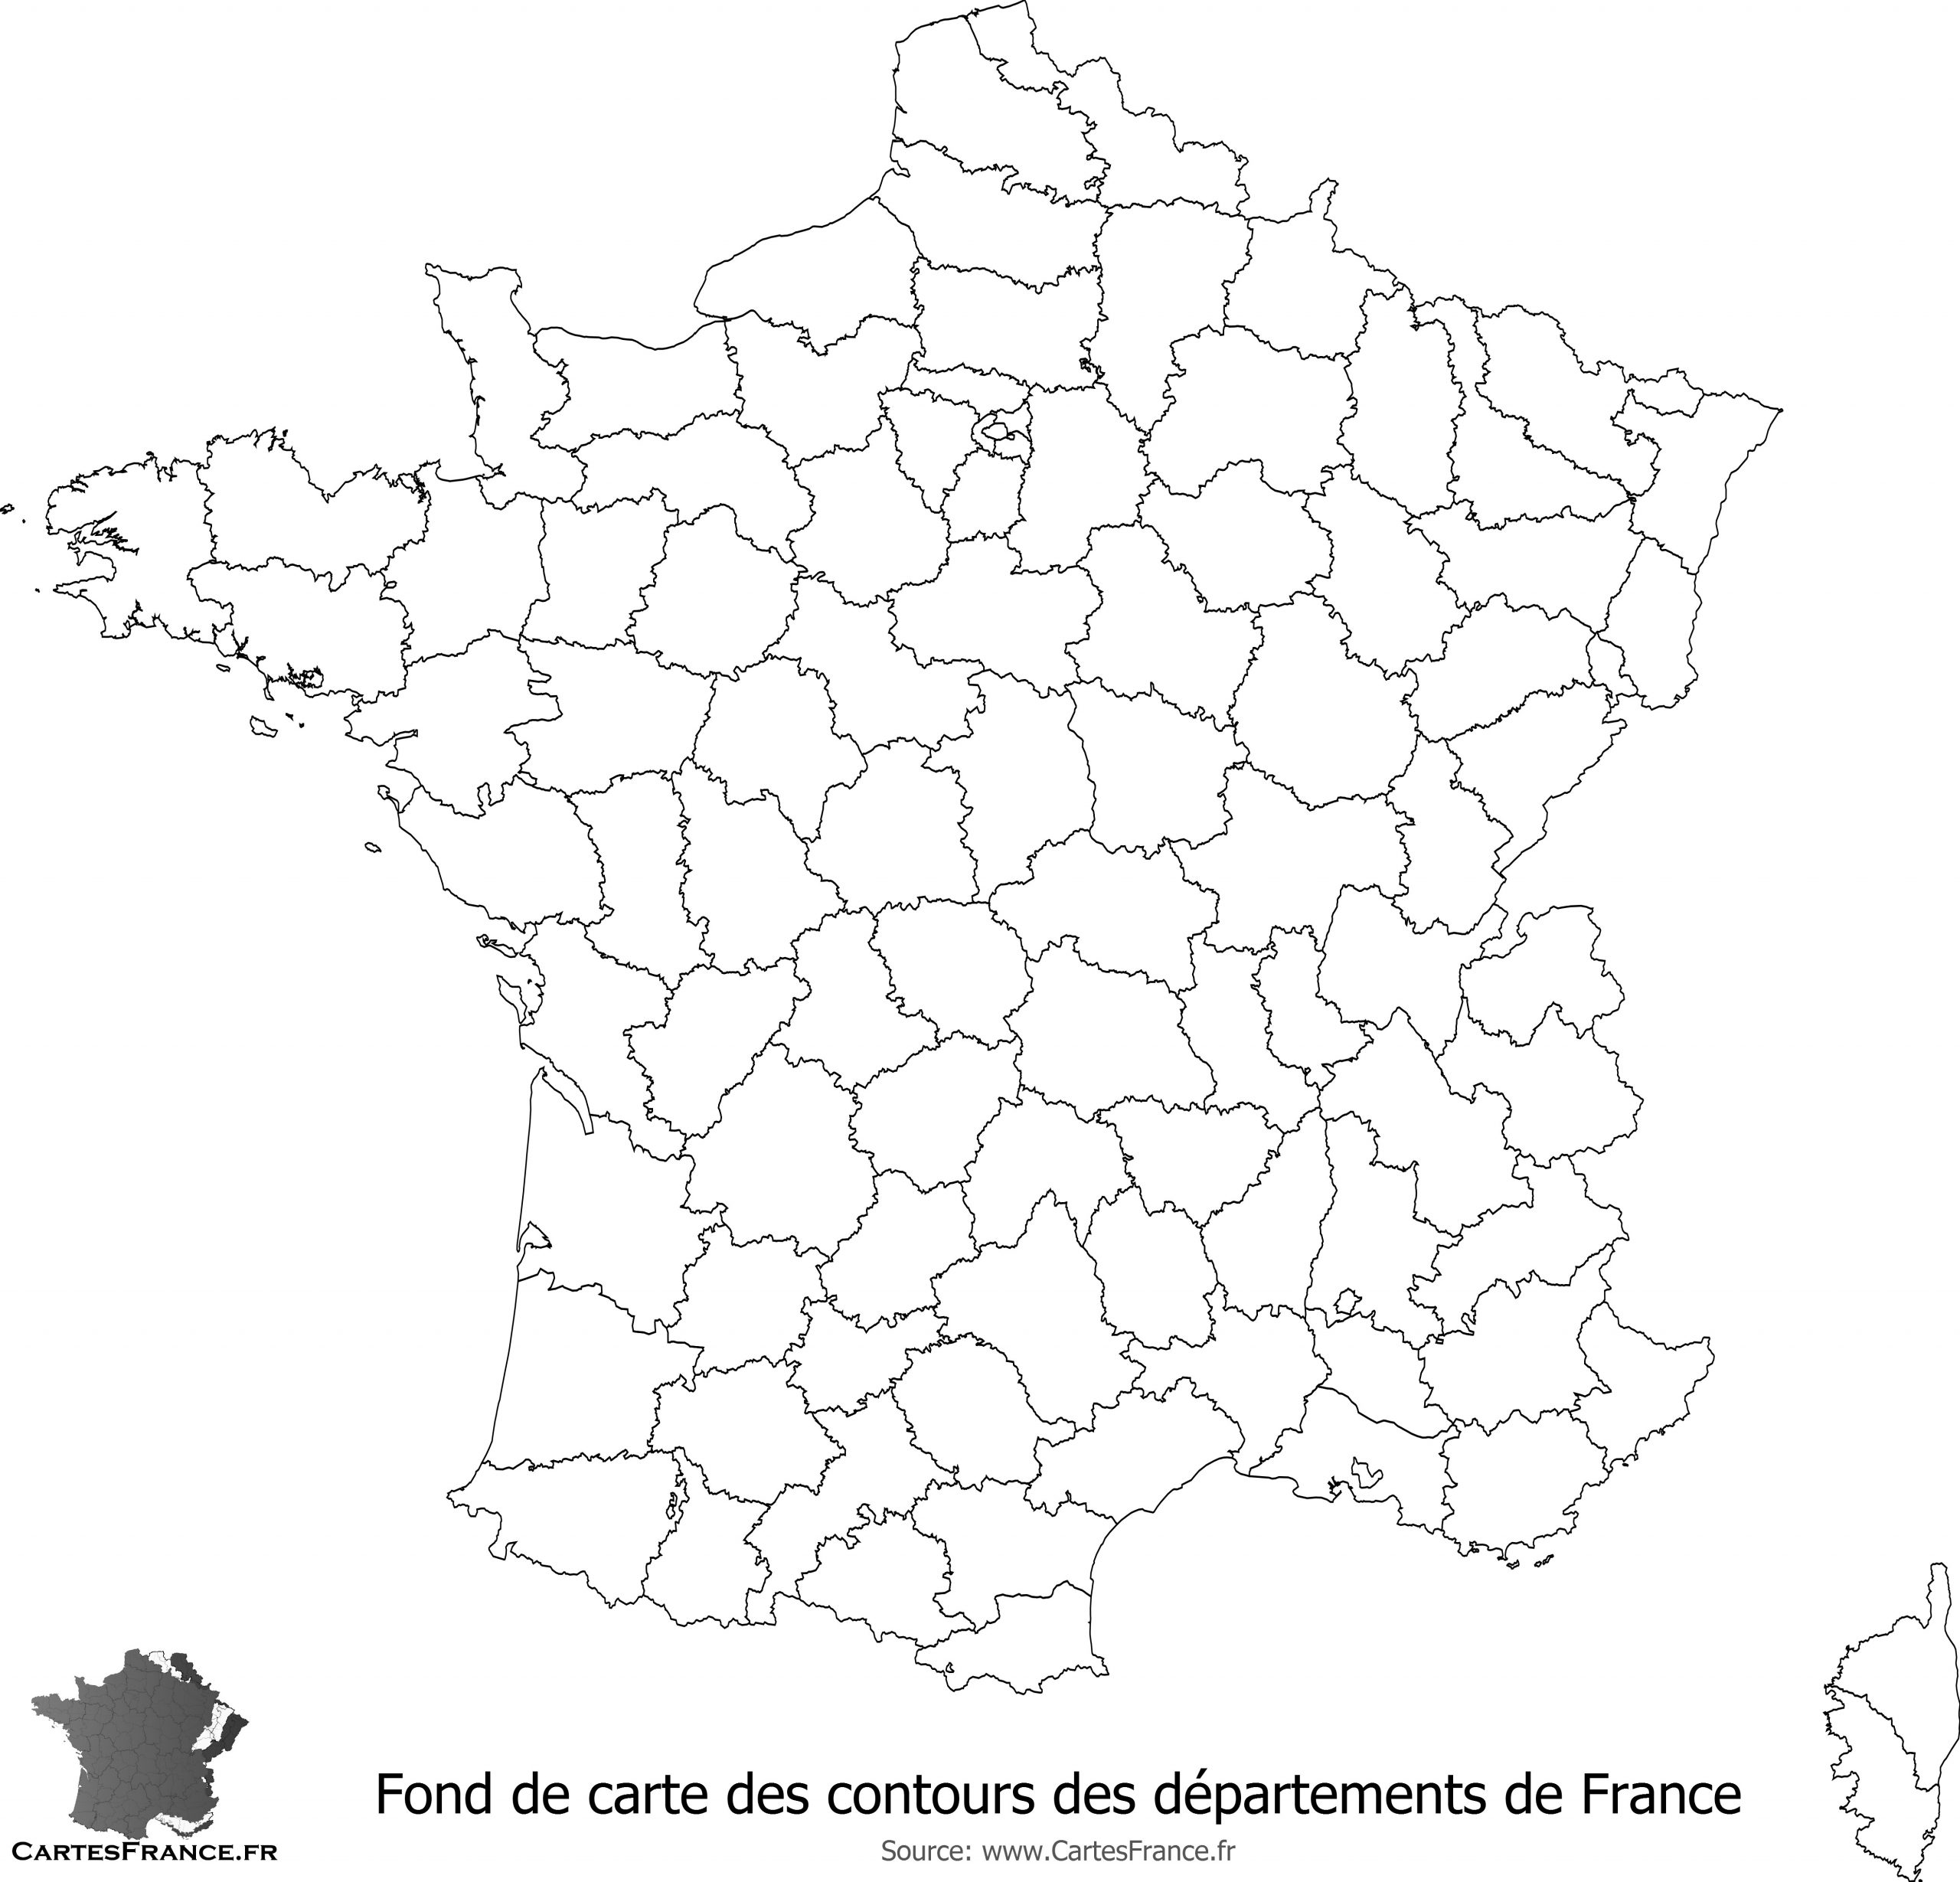 Fond De Carte Des Contours Des Départements De France encequiconcerne Carte Des Régions De France Vierge